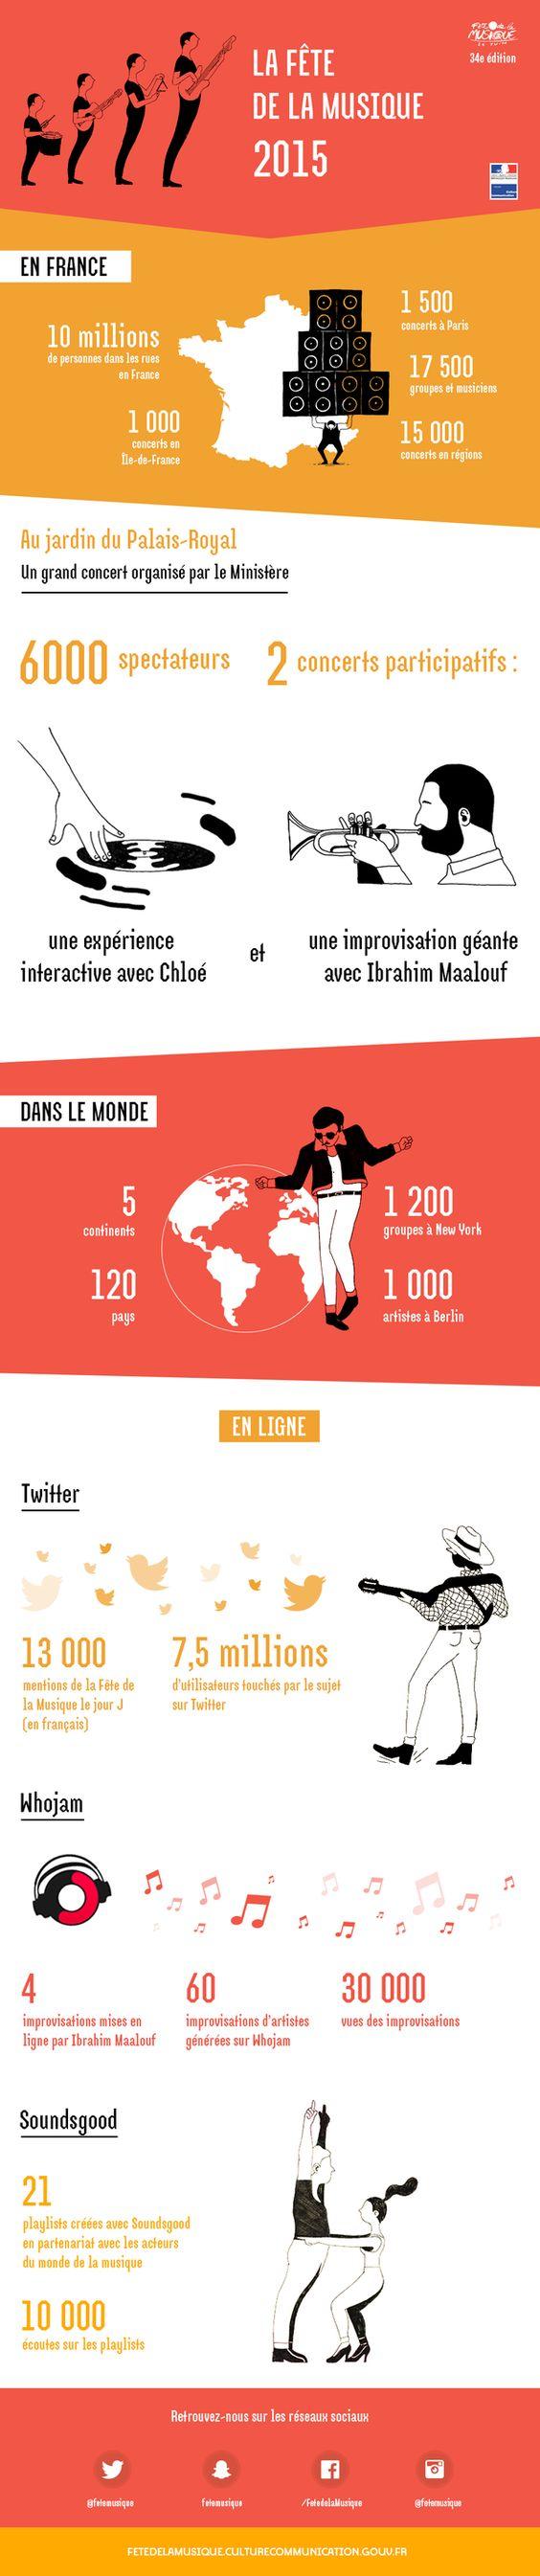 La Fête de la Musique 2015 en infographie - Fête de la musique